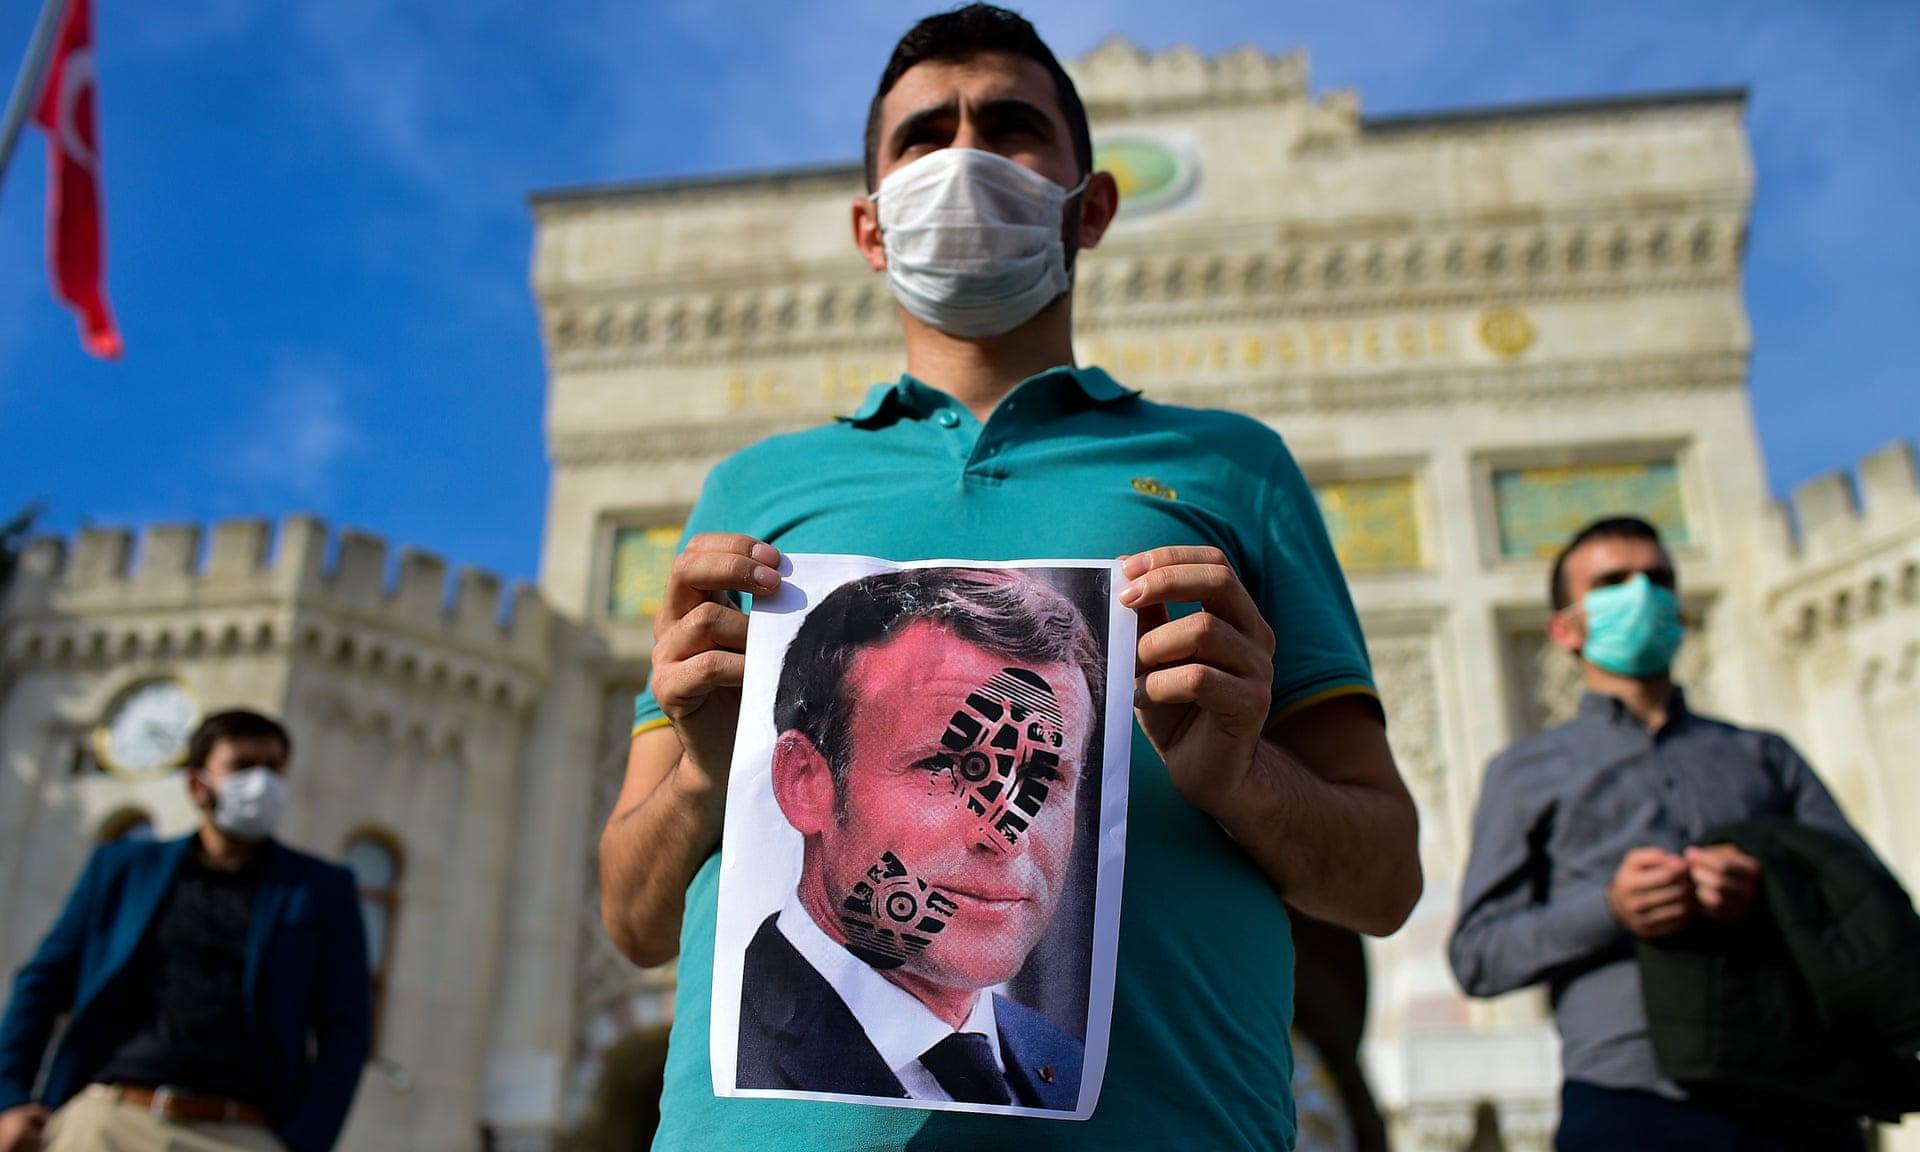 El mundo islámico se vuelca contra Francia tras declaraciones polémicas de Macron y hacen un llamado al boicot